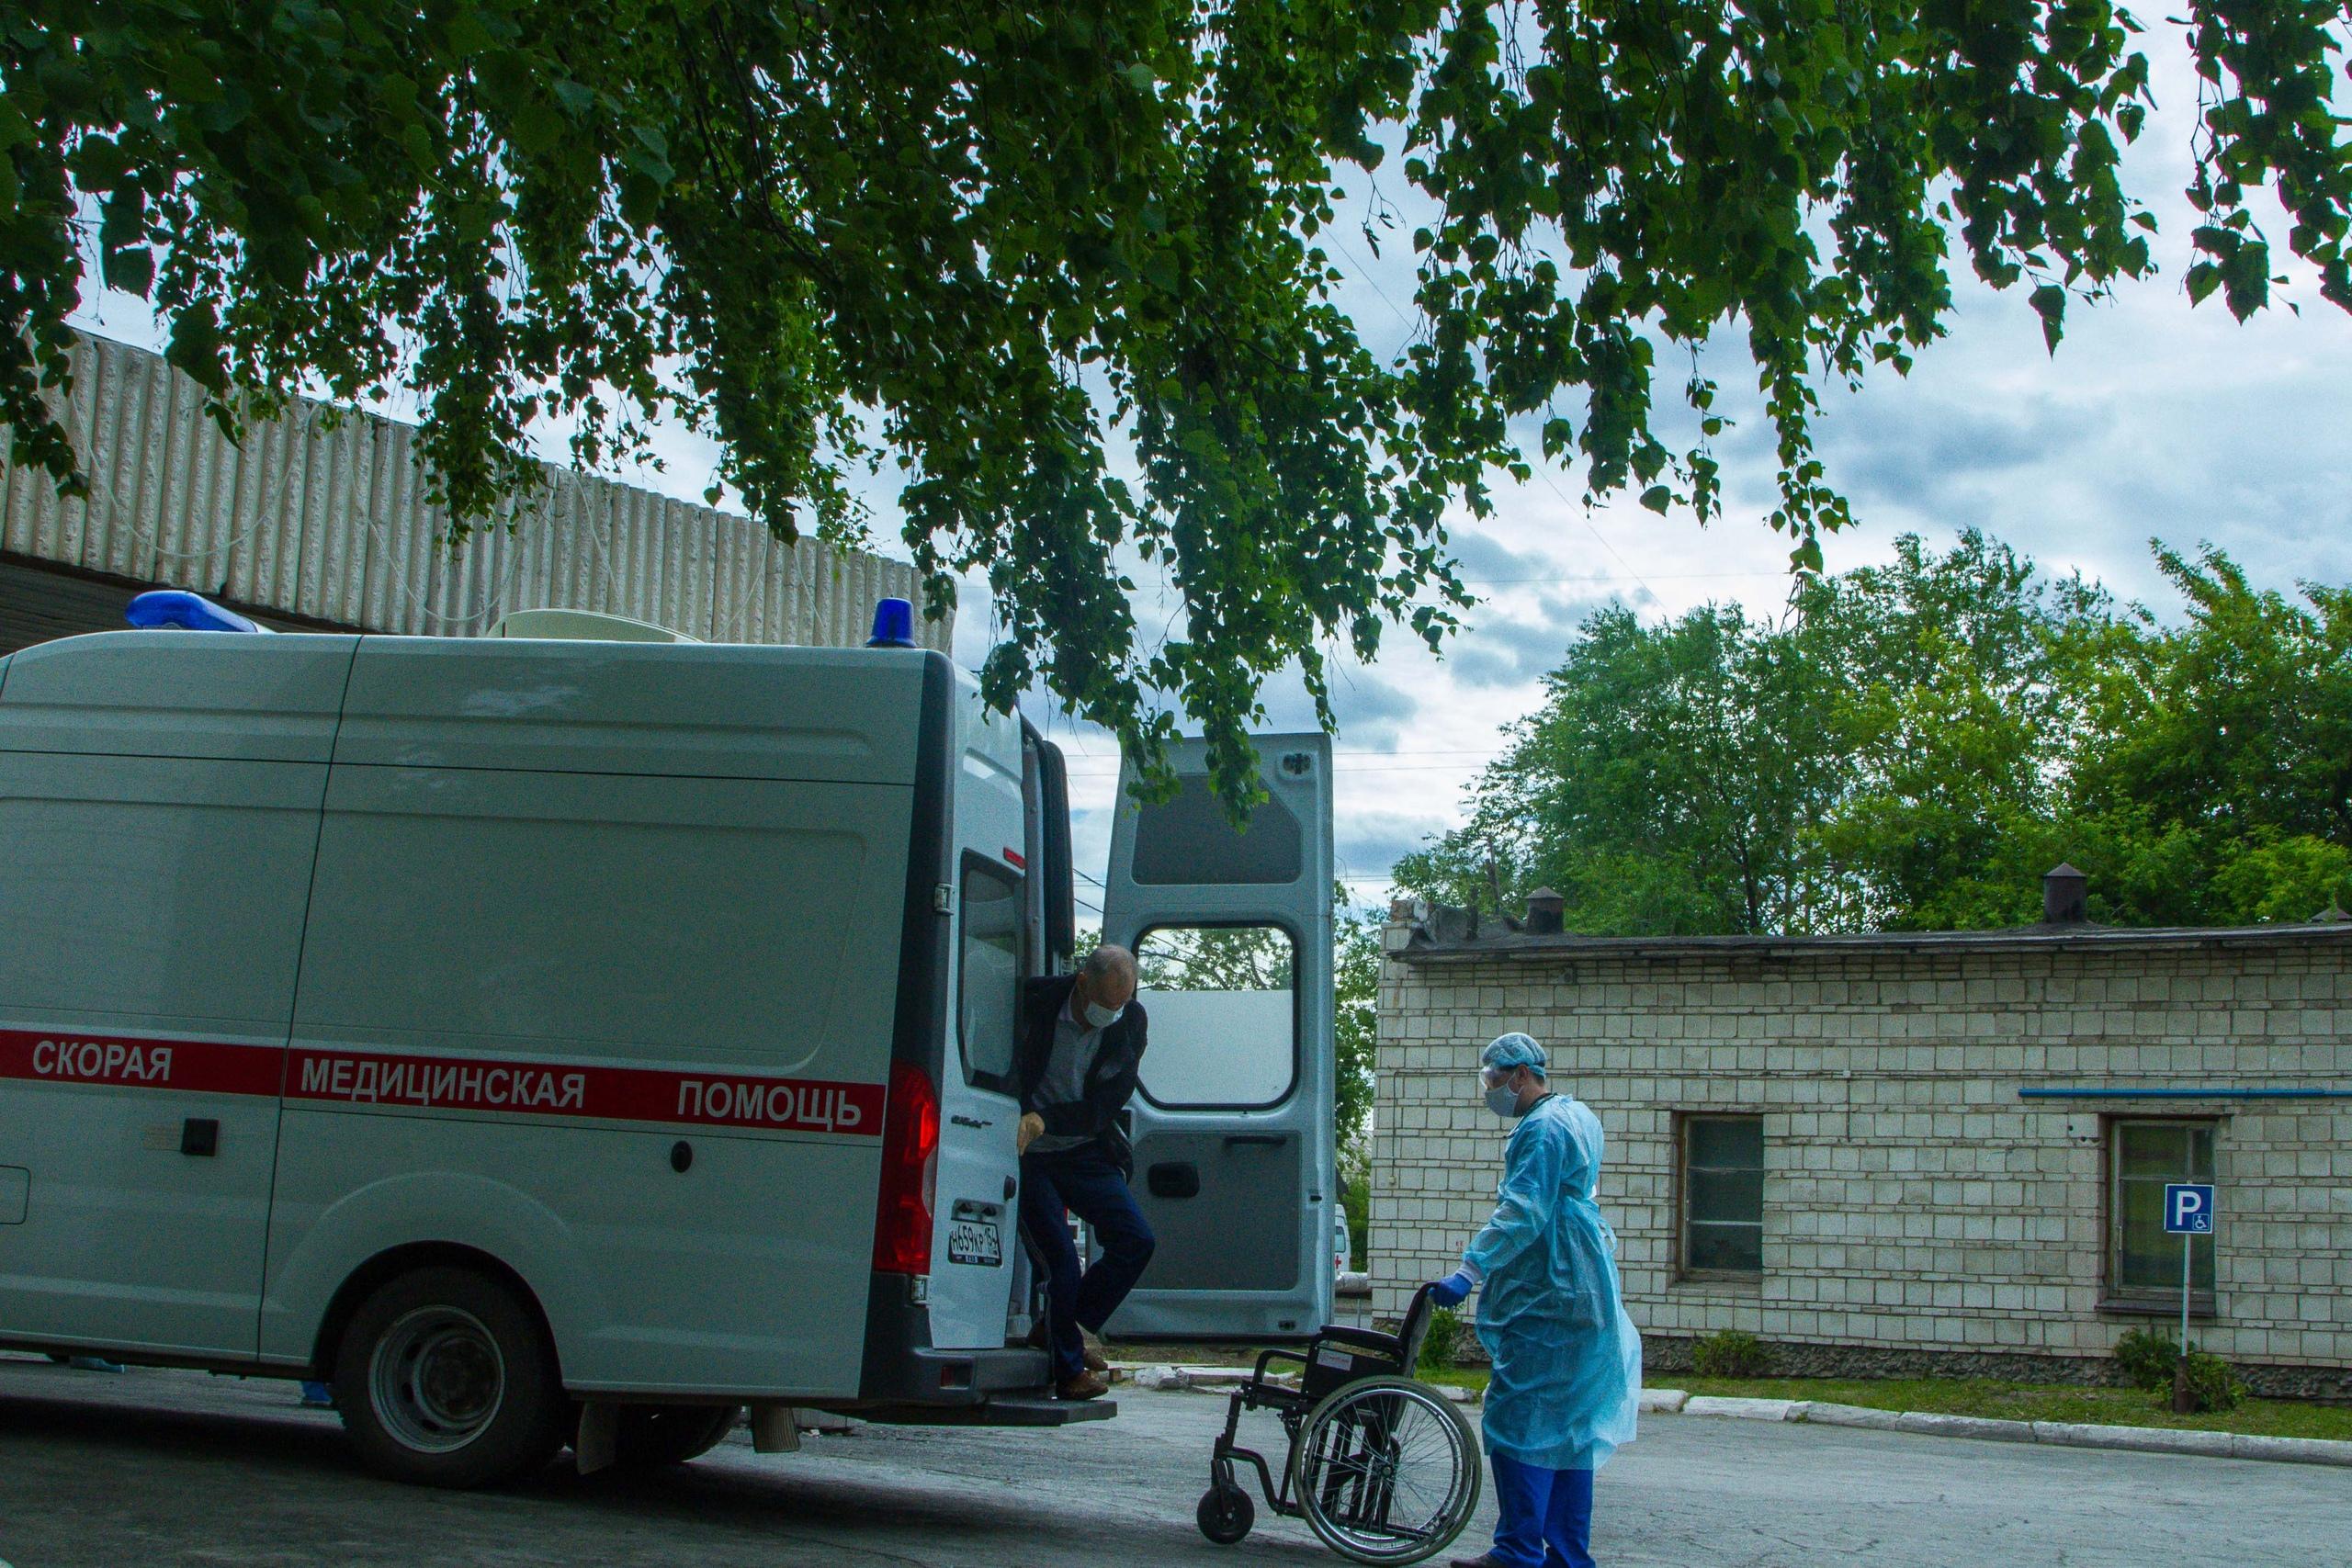 фото «Просто поменяли диагноз!»: заболевшему медработнику из Новосибирска отказали в коронавирусной выплате 5